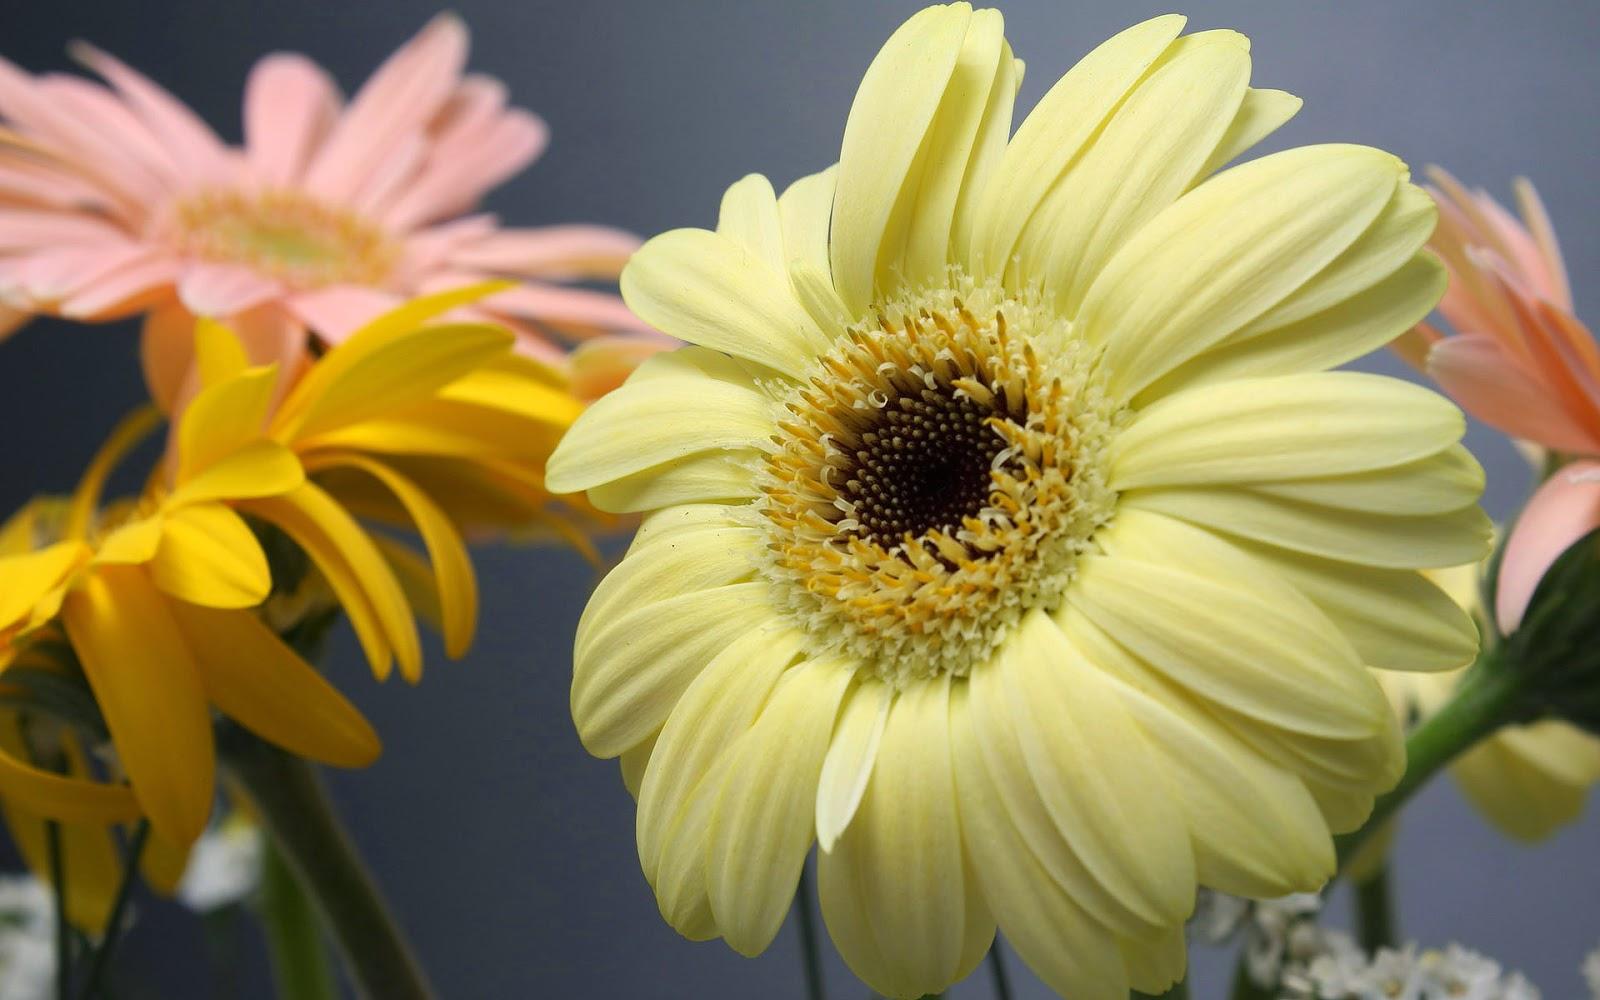 Wallpaper met bloemen van dicht bij